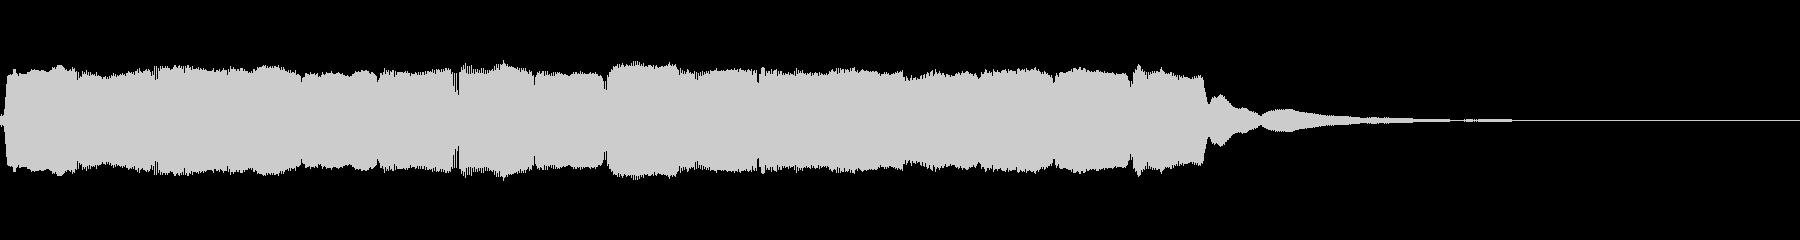 笛のアイキャッチ(ゆったり)の未再生の波形